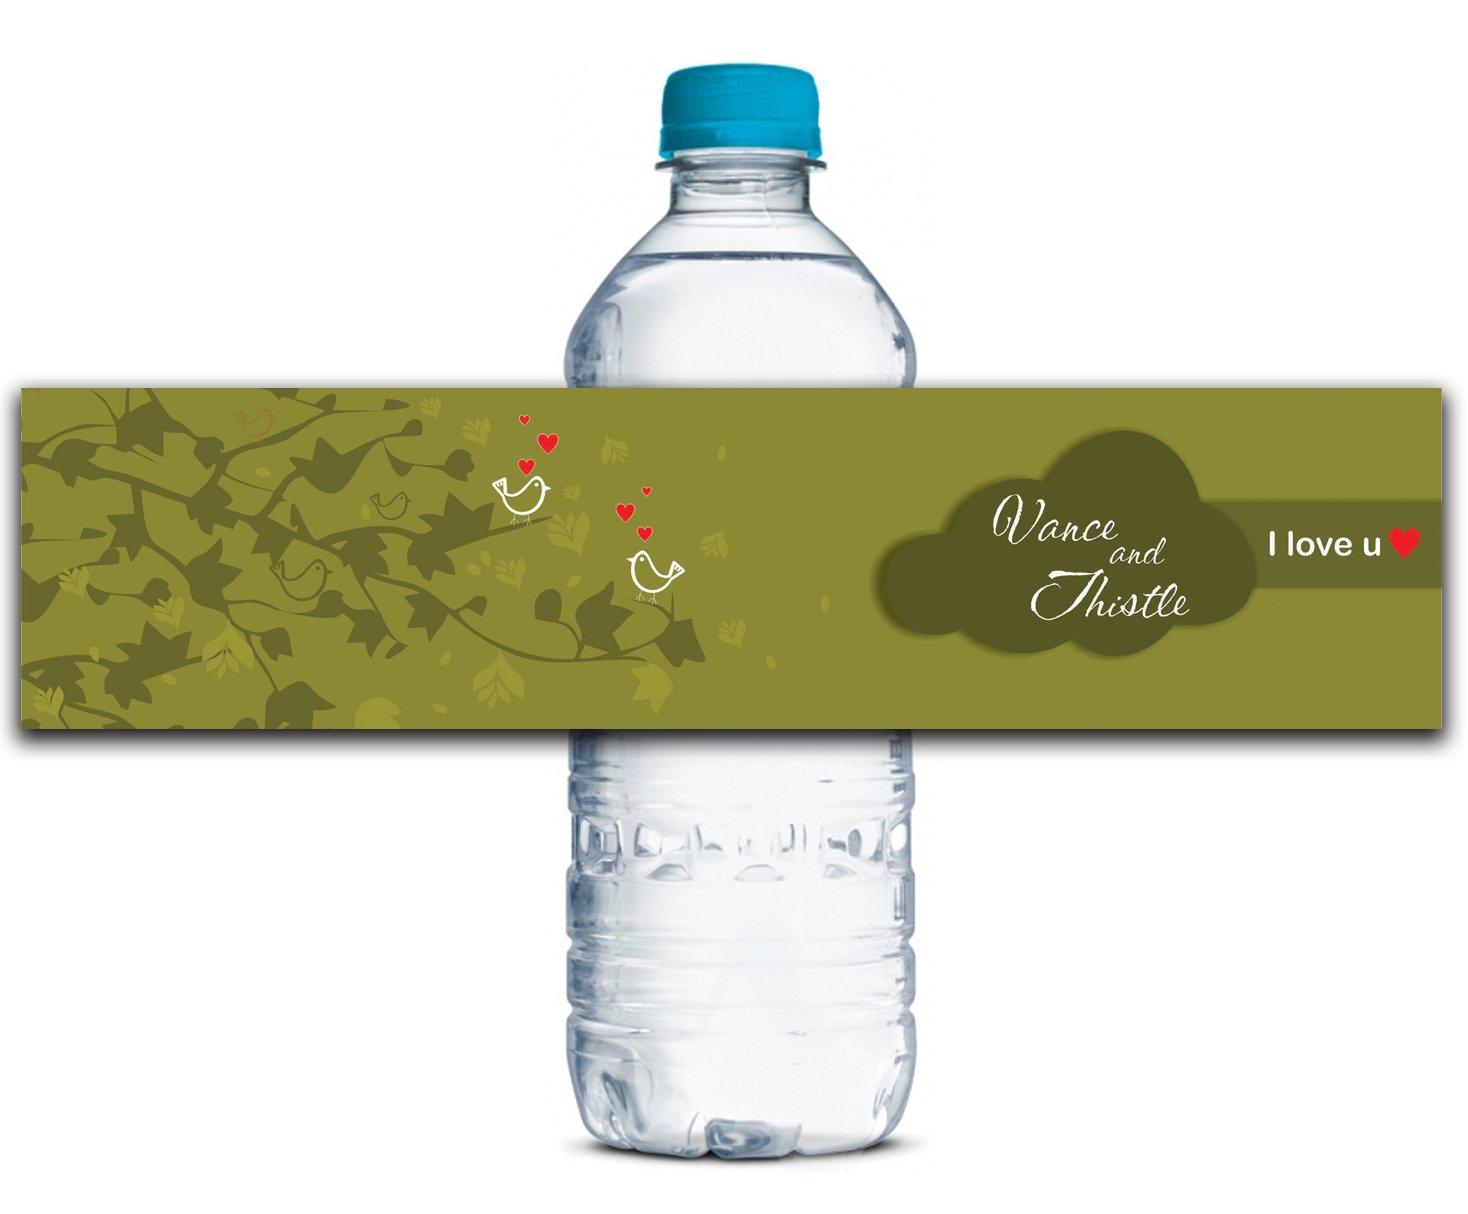 Personalisierte Wasserflasche Etiketten Selbstklebende wasserdichte Kundenspezifische Hochzeits-Aufkleber 8  x 2  Zoll - 50 Etiketten B01A0W4J3G | Ästhetisches Aussehen